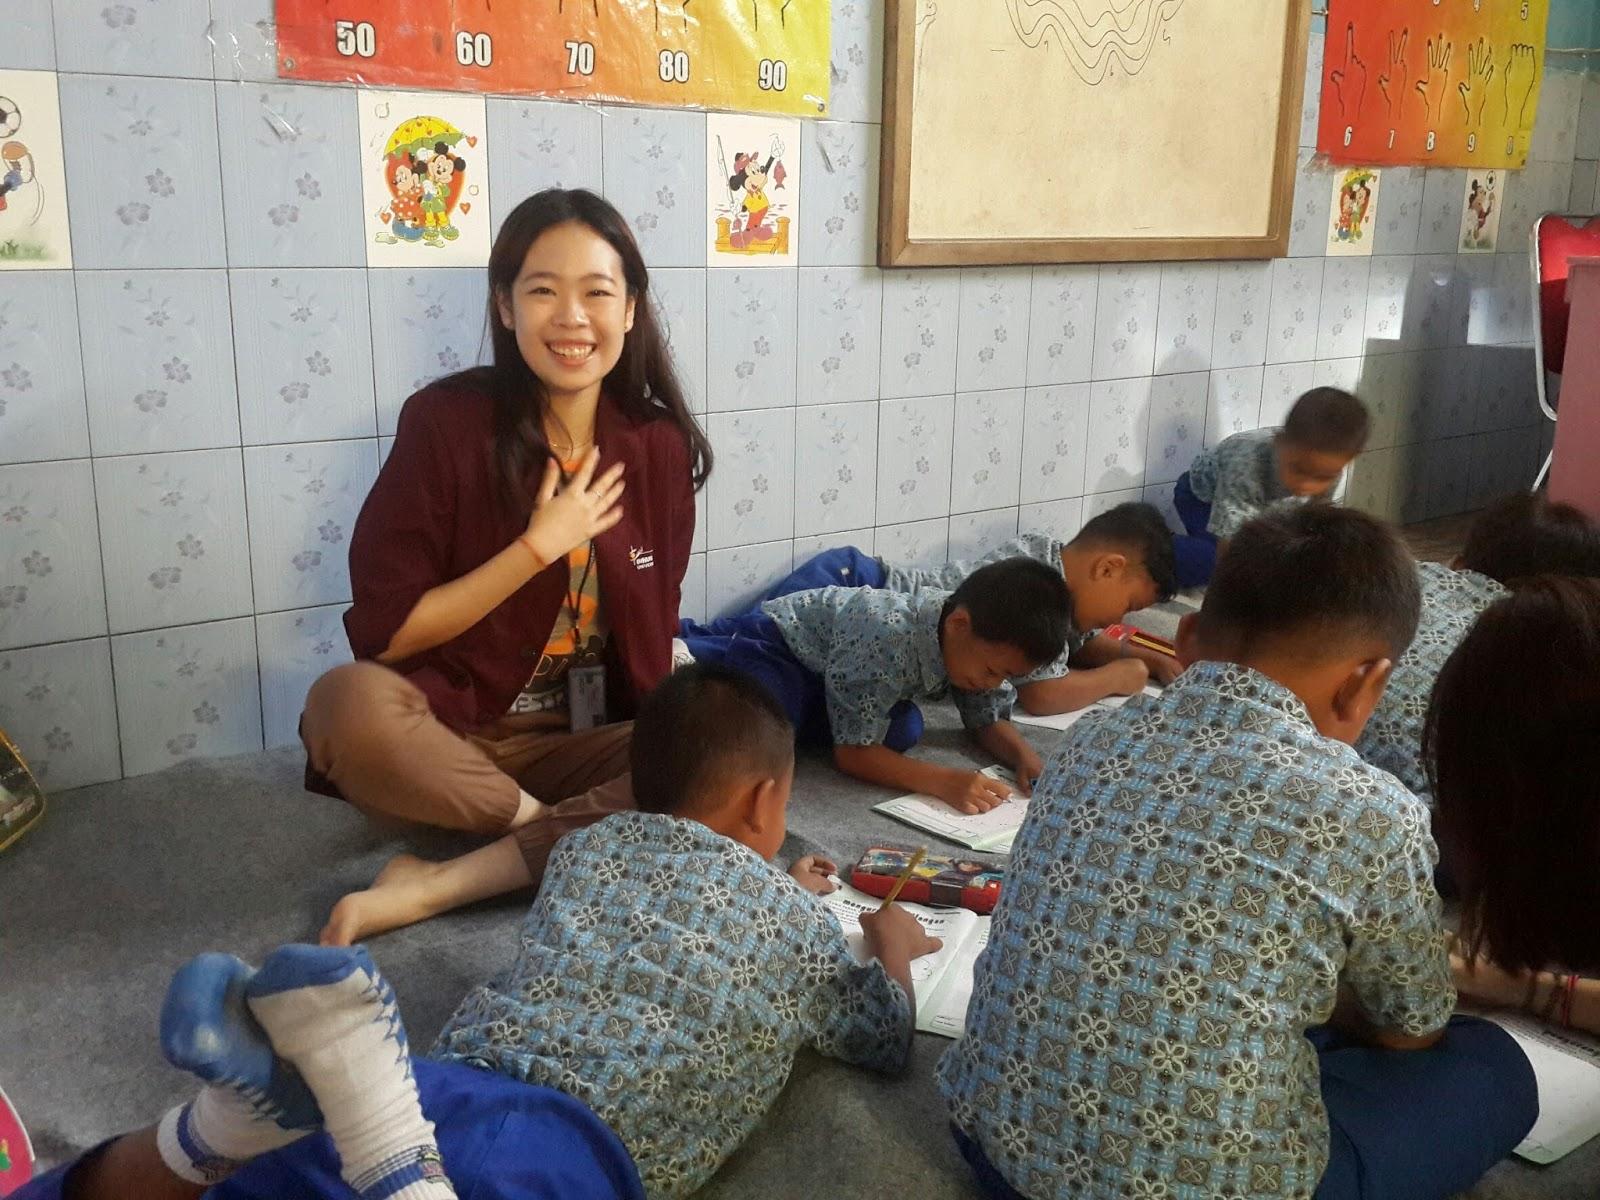 Setelah selesai mereka belajar menghitung dengan menggunakan metode Jari Matika Sebagian besar anak sudah mengerti bagaimana cara menghitung dan konsep